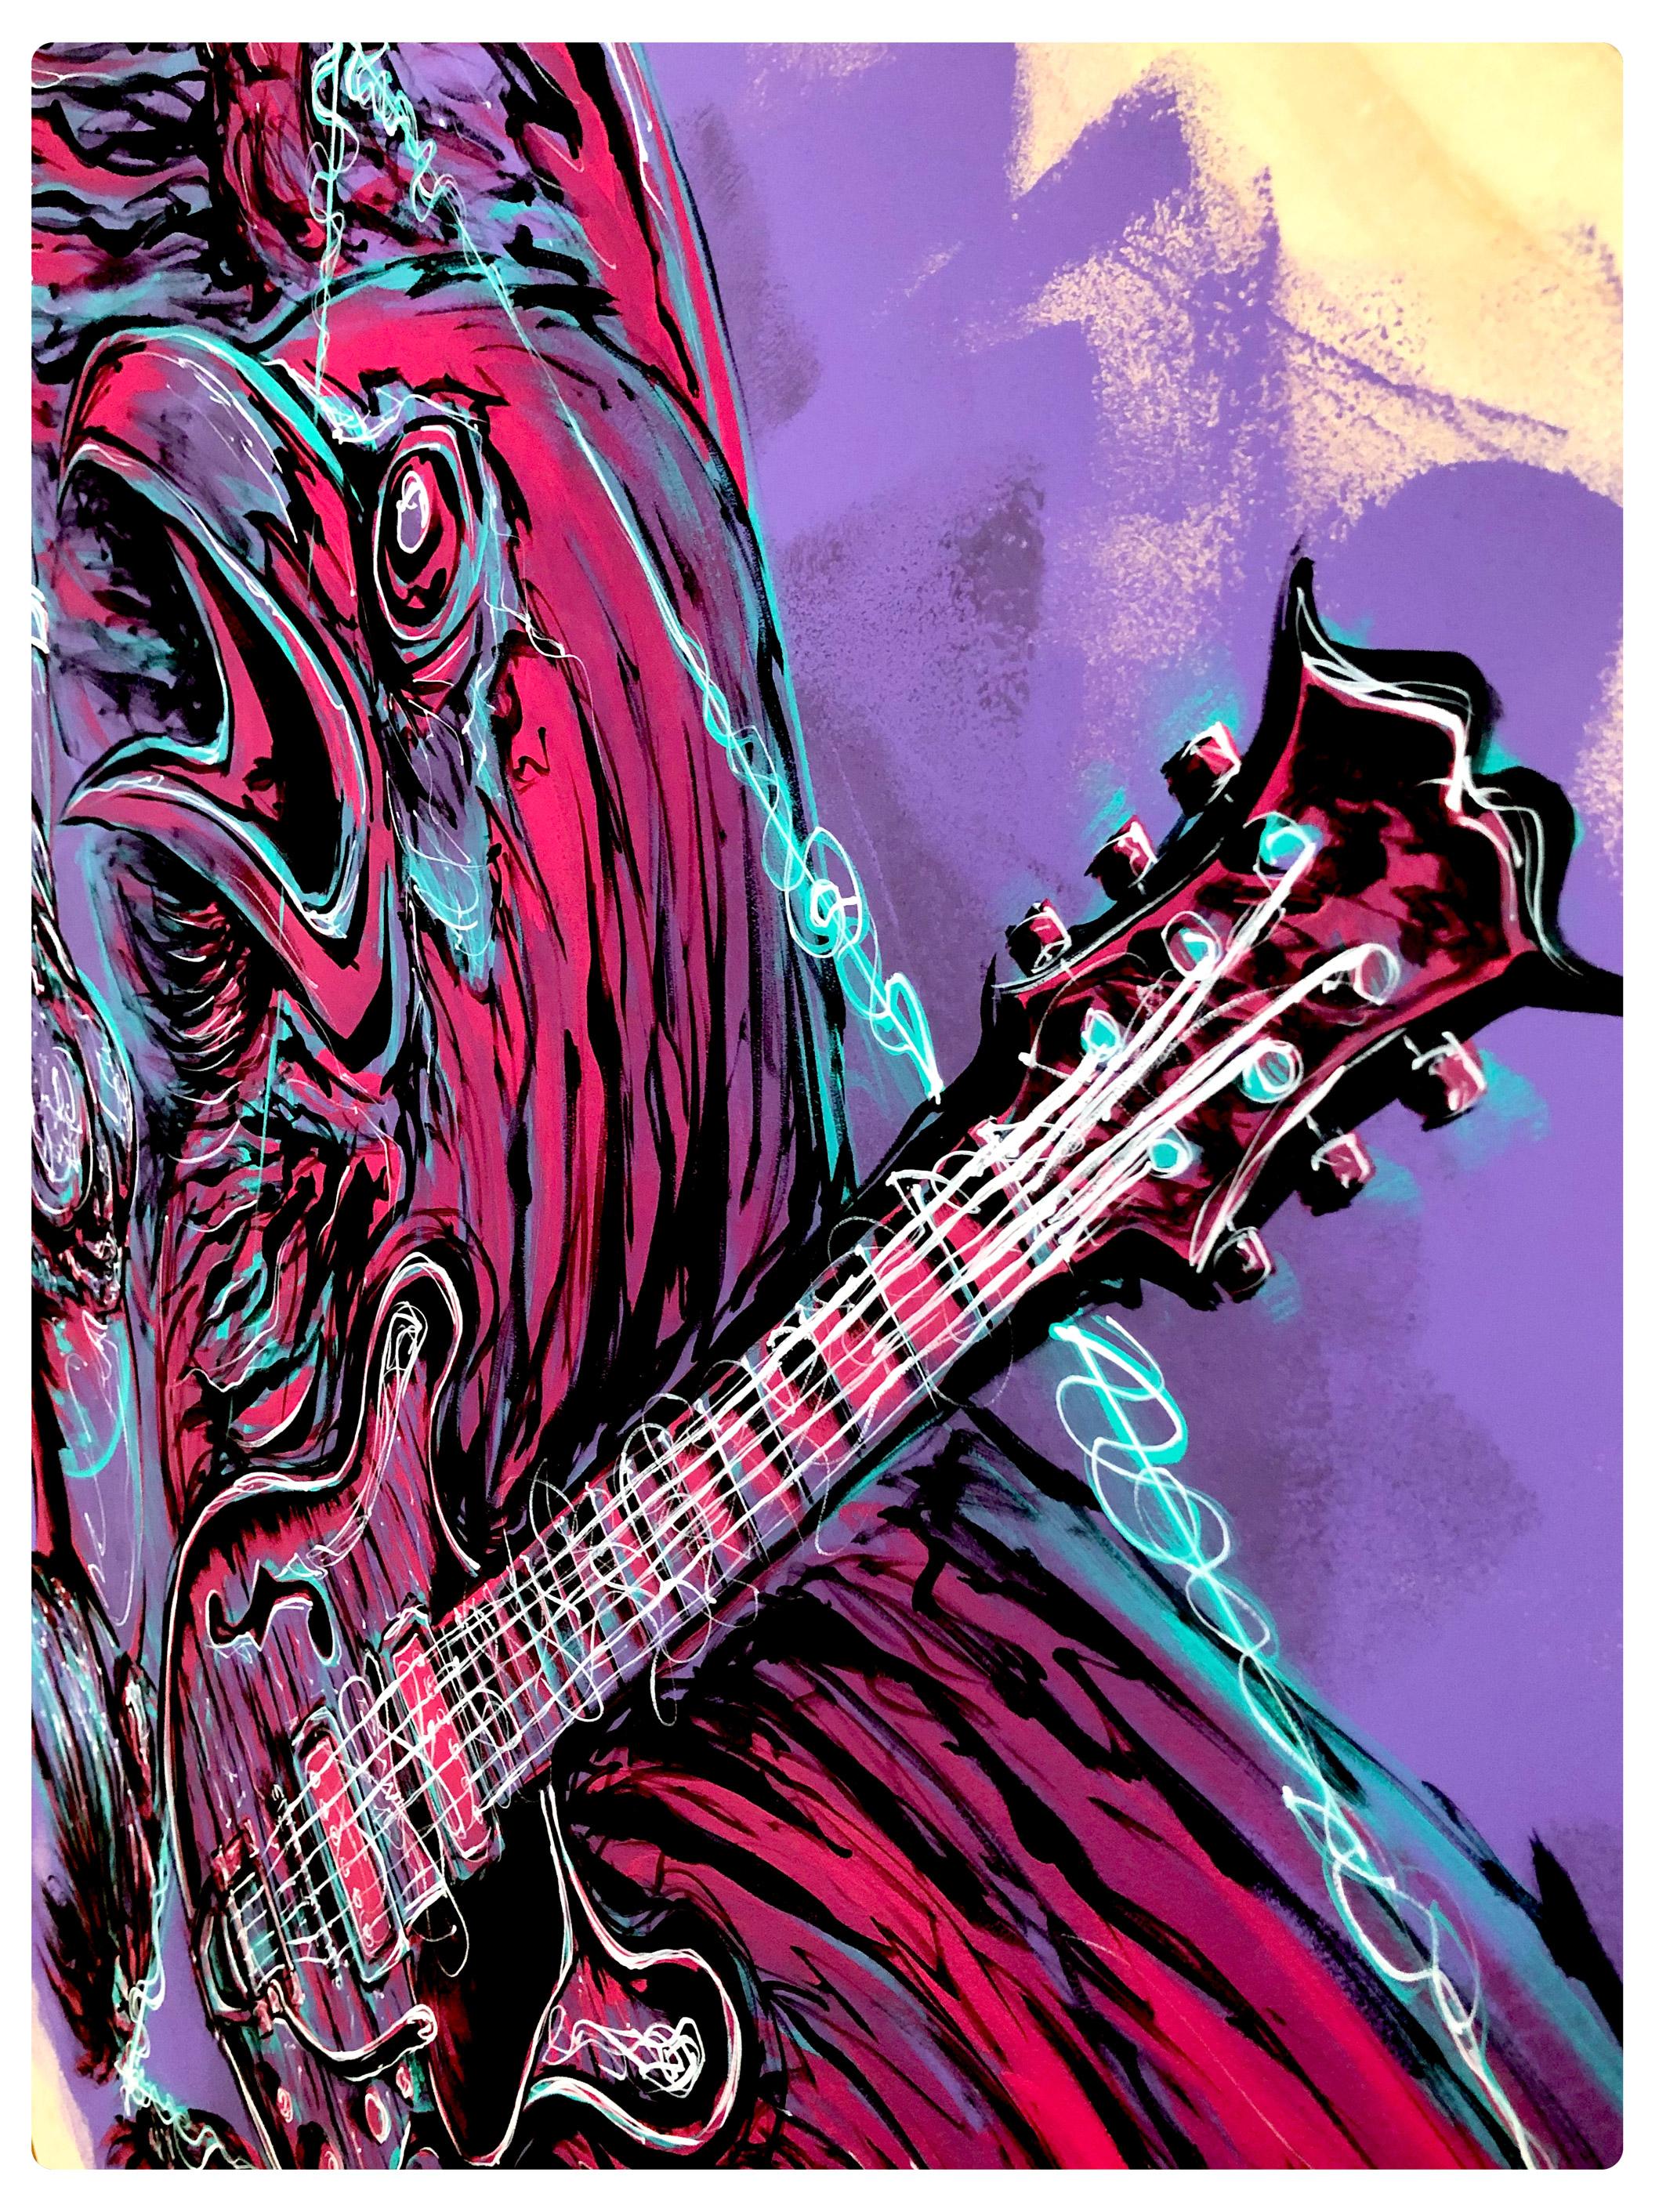 Art by Shane Acuff